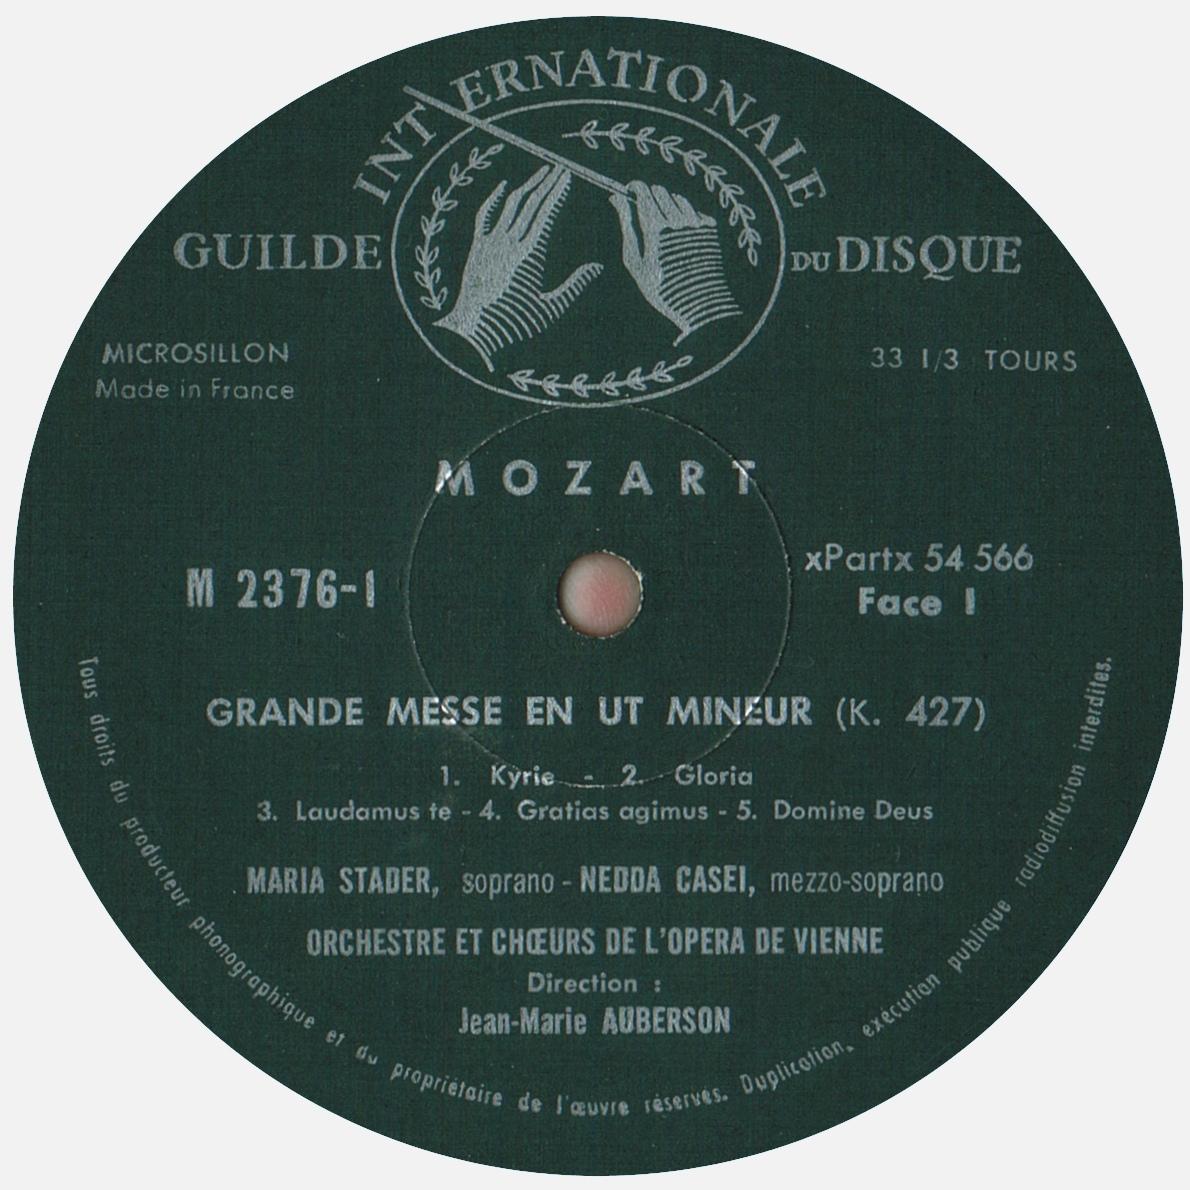 Étiquette rect du 1er disque de l'album Musical Masterpiece Society MMS 2376